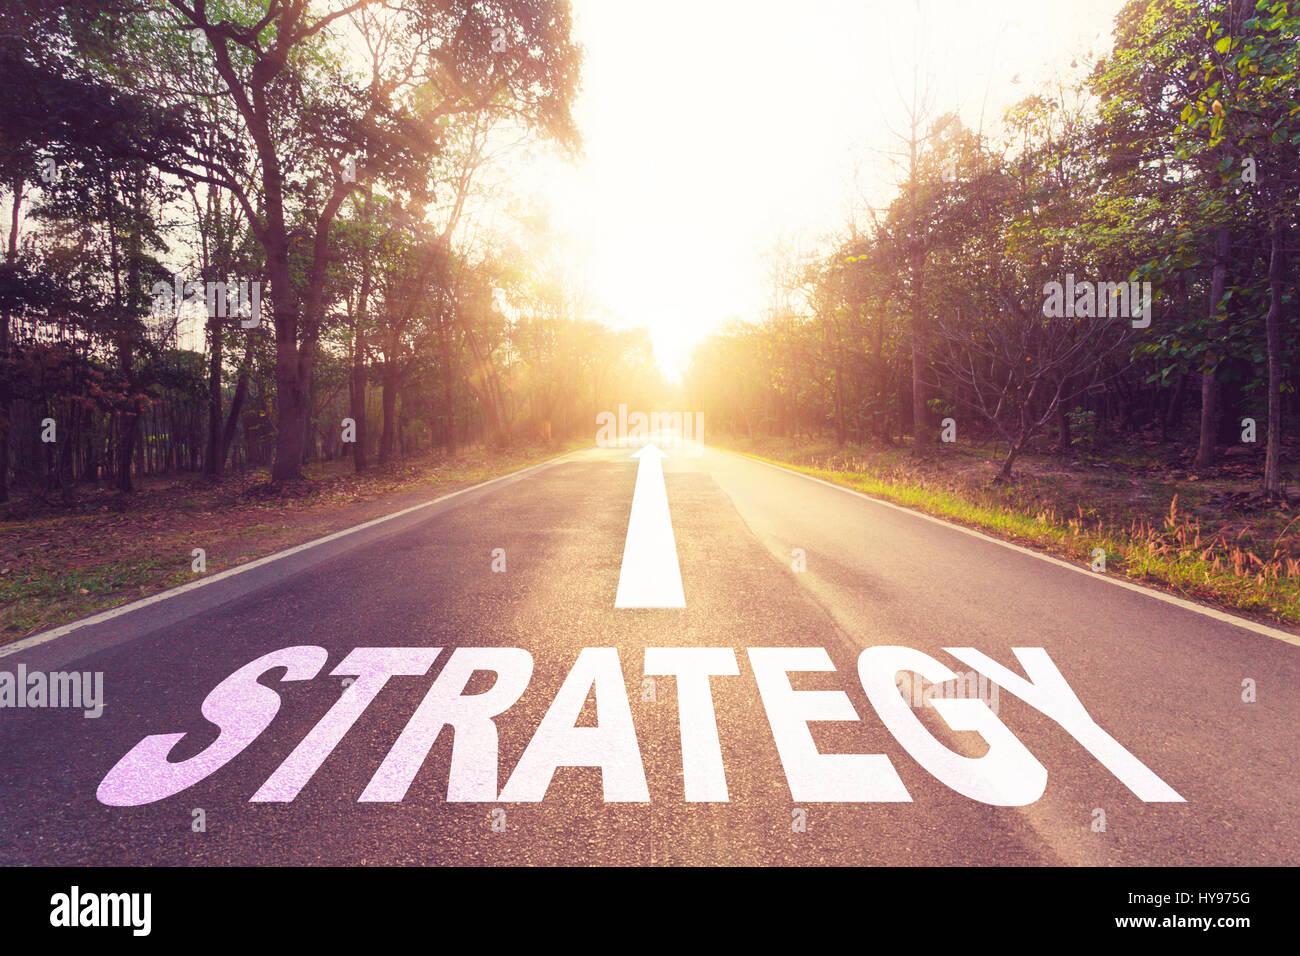 Svuotare strada asfaltata e il concetto di strategia. Immagini Stock